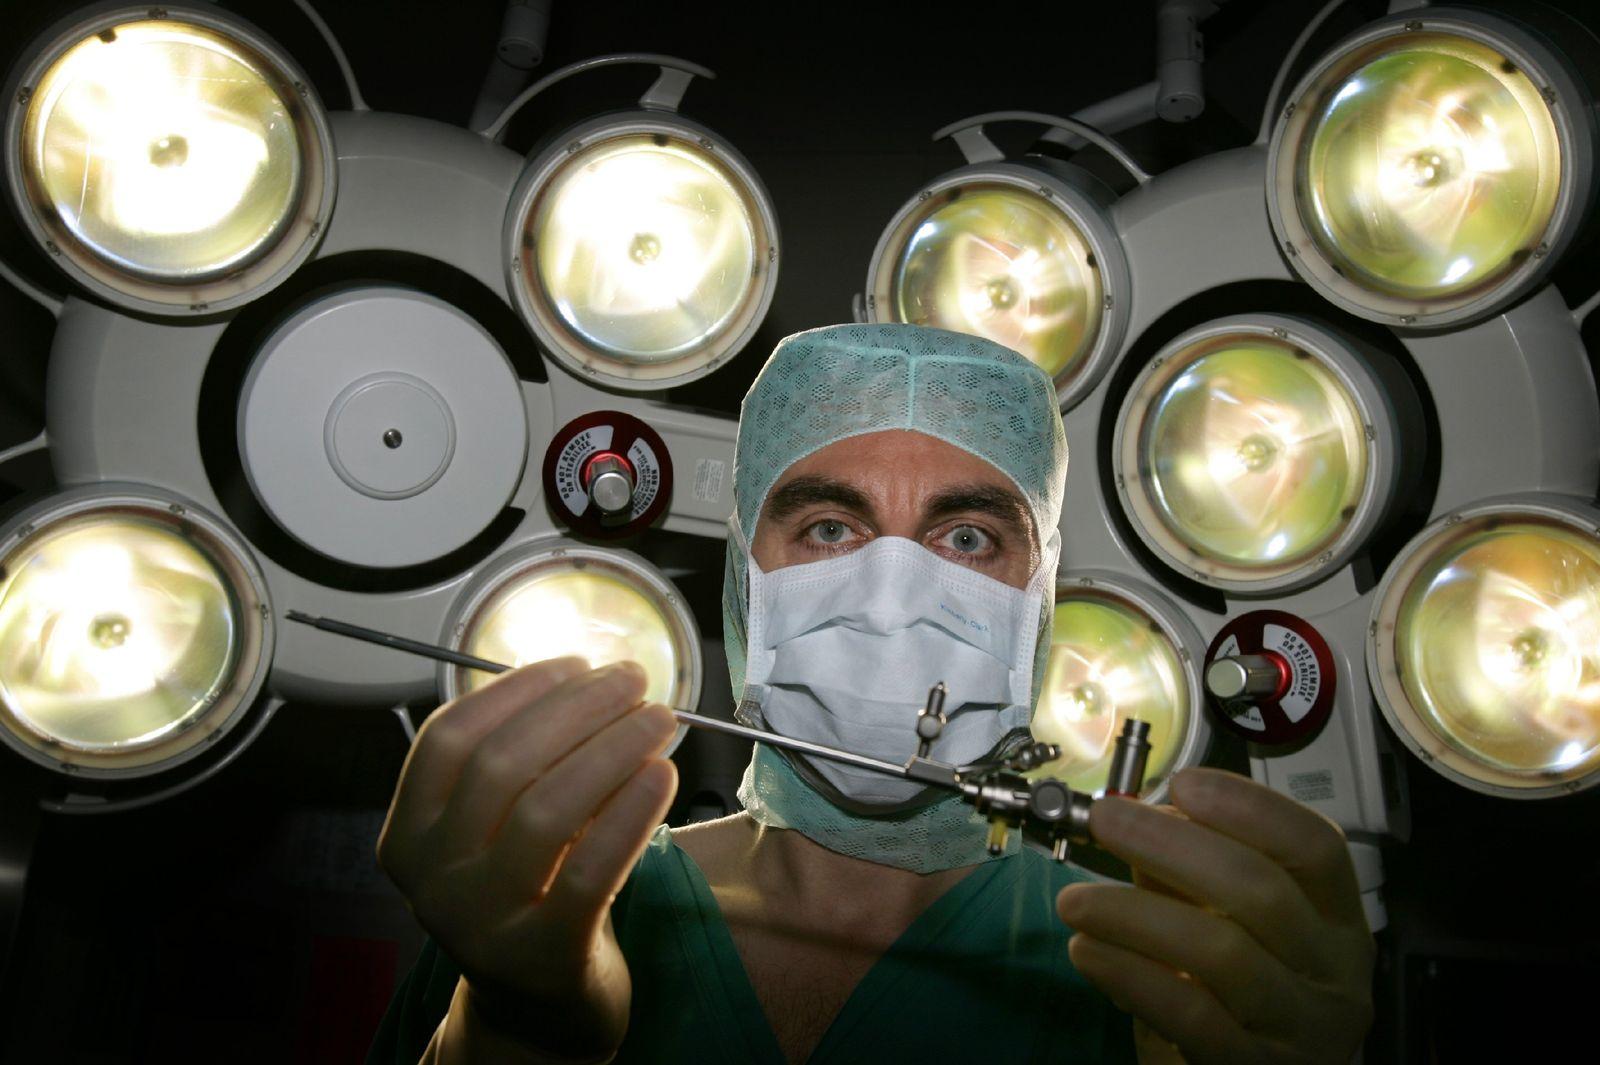 AUCH FÜR SPAM Facharzt operiert ungeborene Kinder im Mutterleib